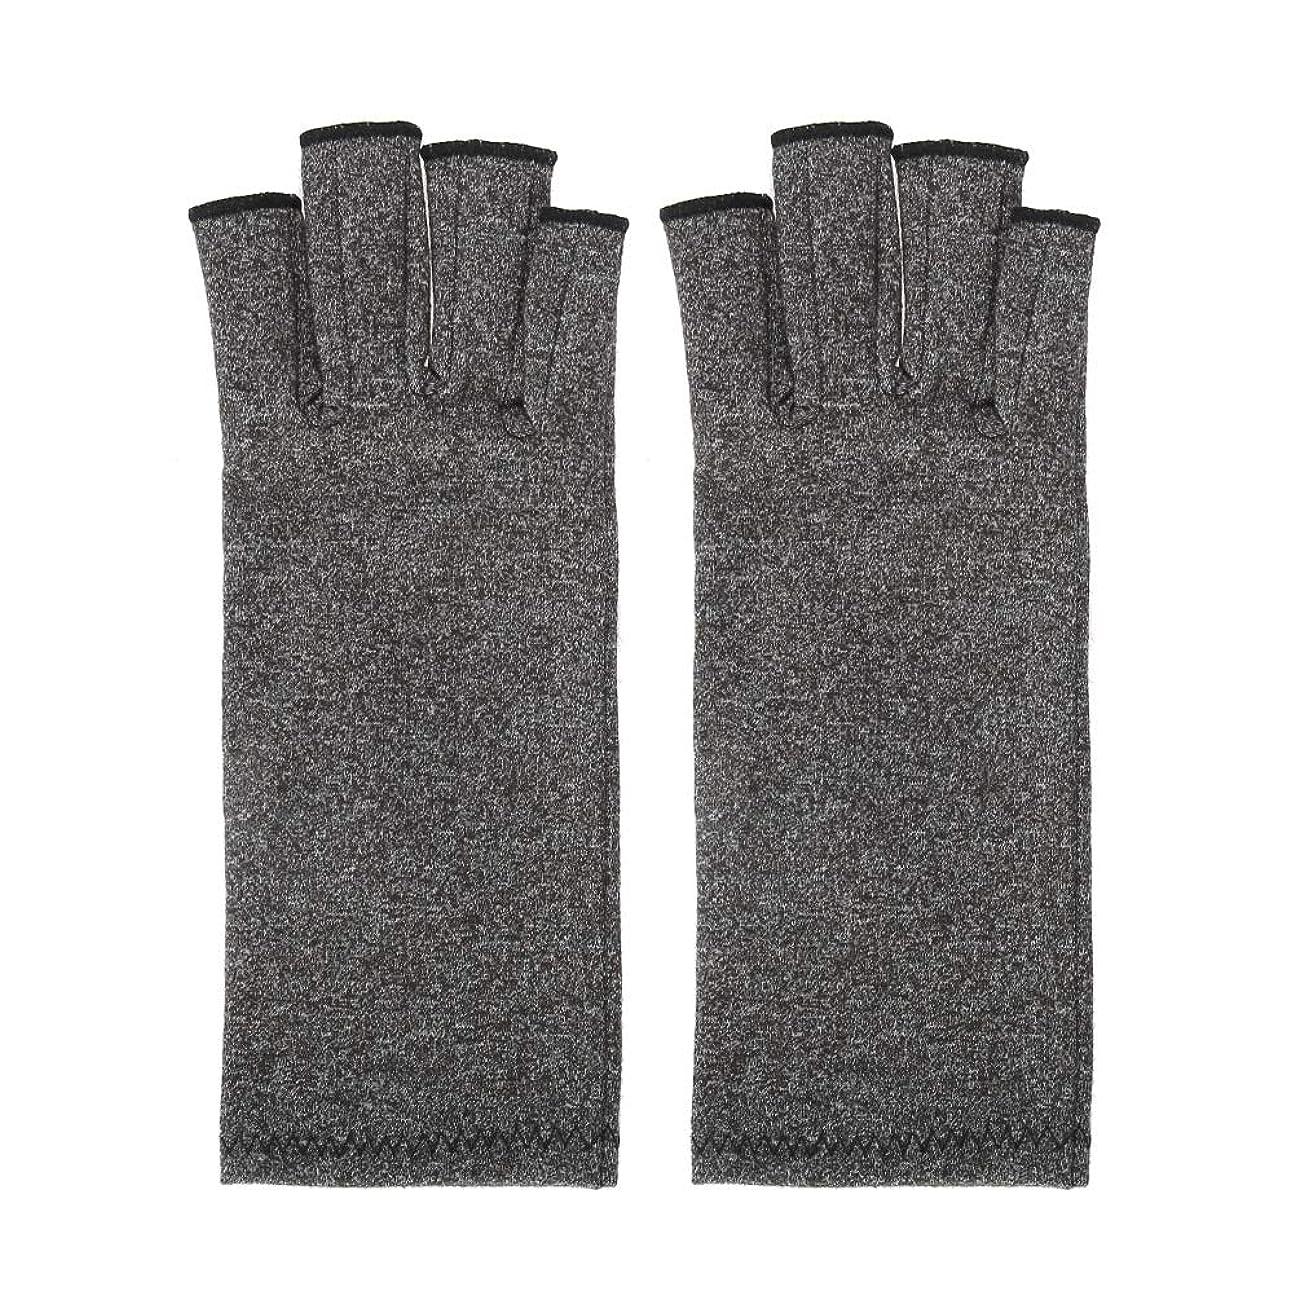 リンク法王垂直抗関節炎手袋抗関節炎ヘルスケアリハビリテーショントレーニング手袋圧縮療法リウマチ性疼痛